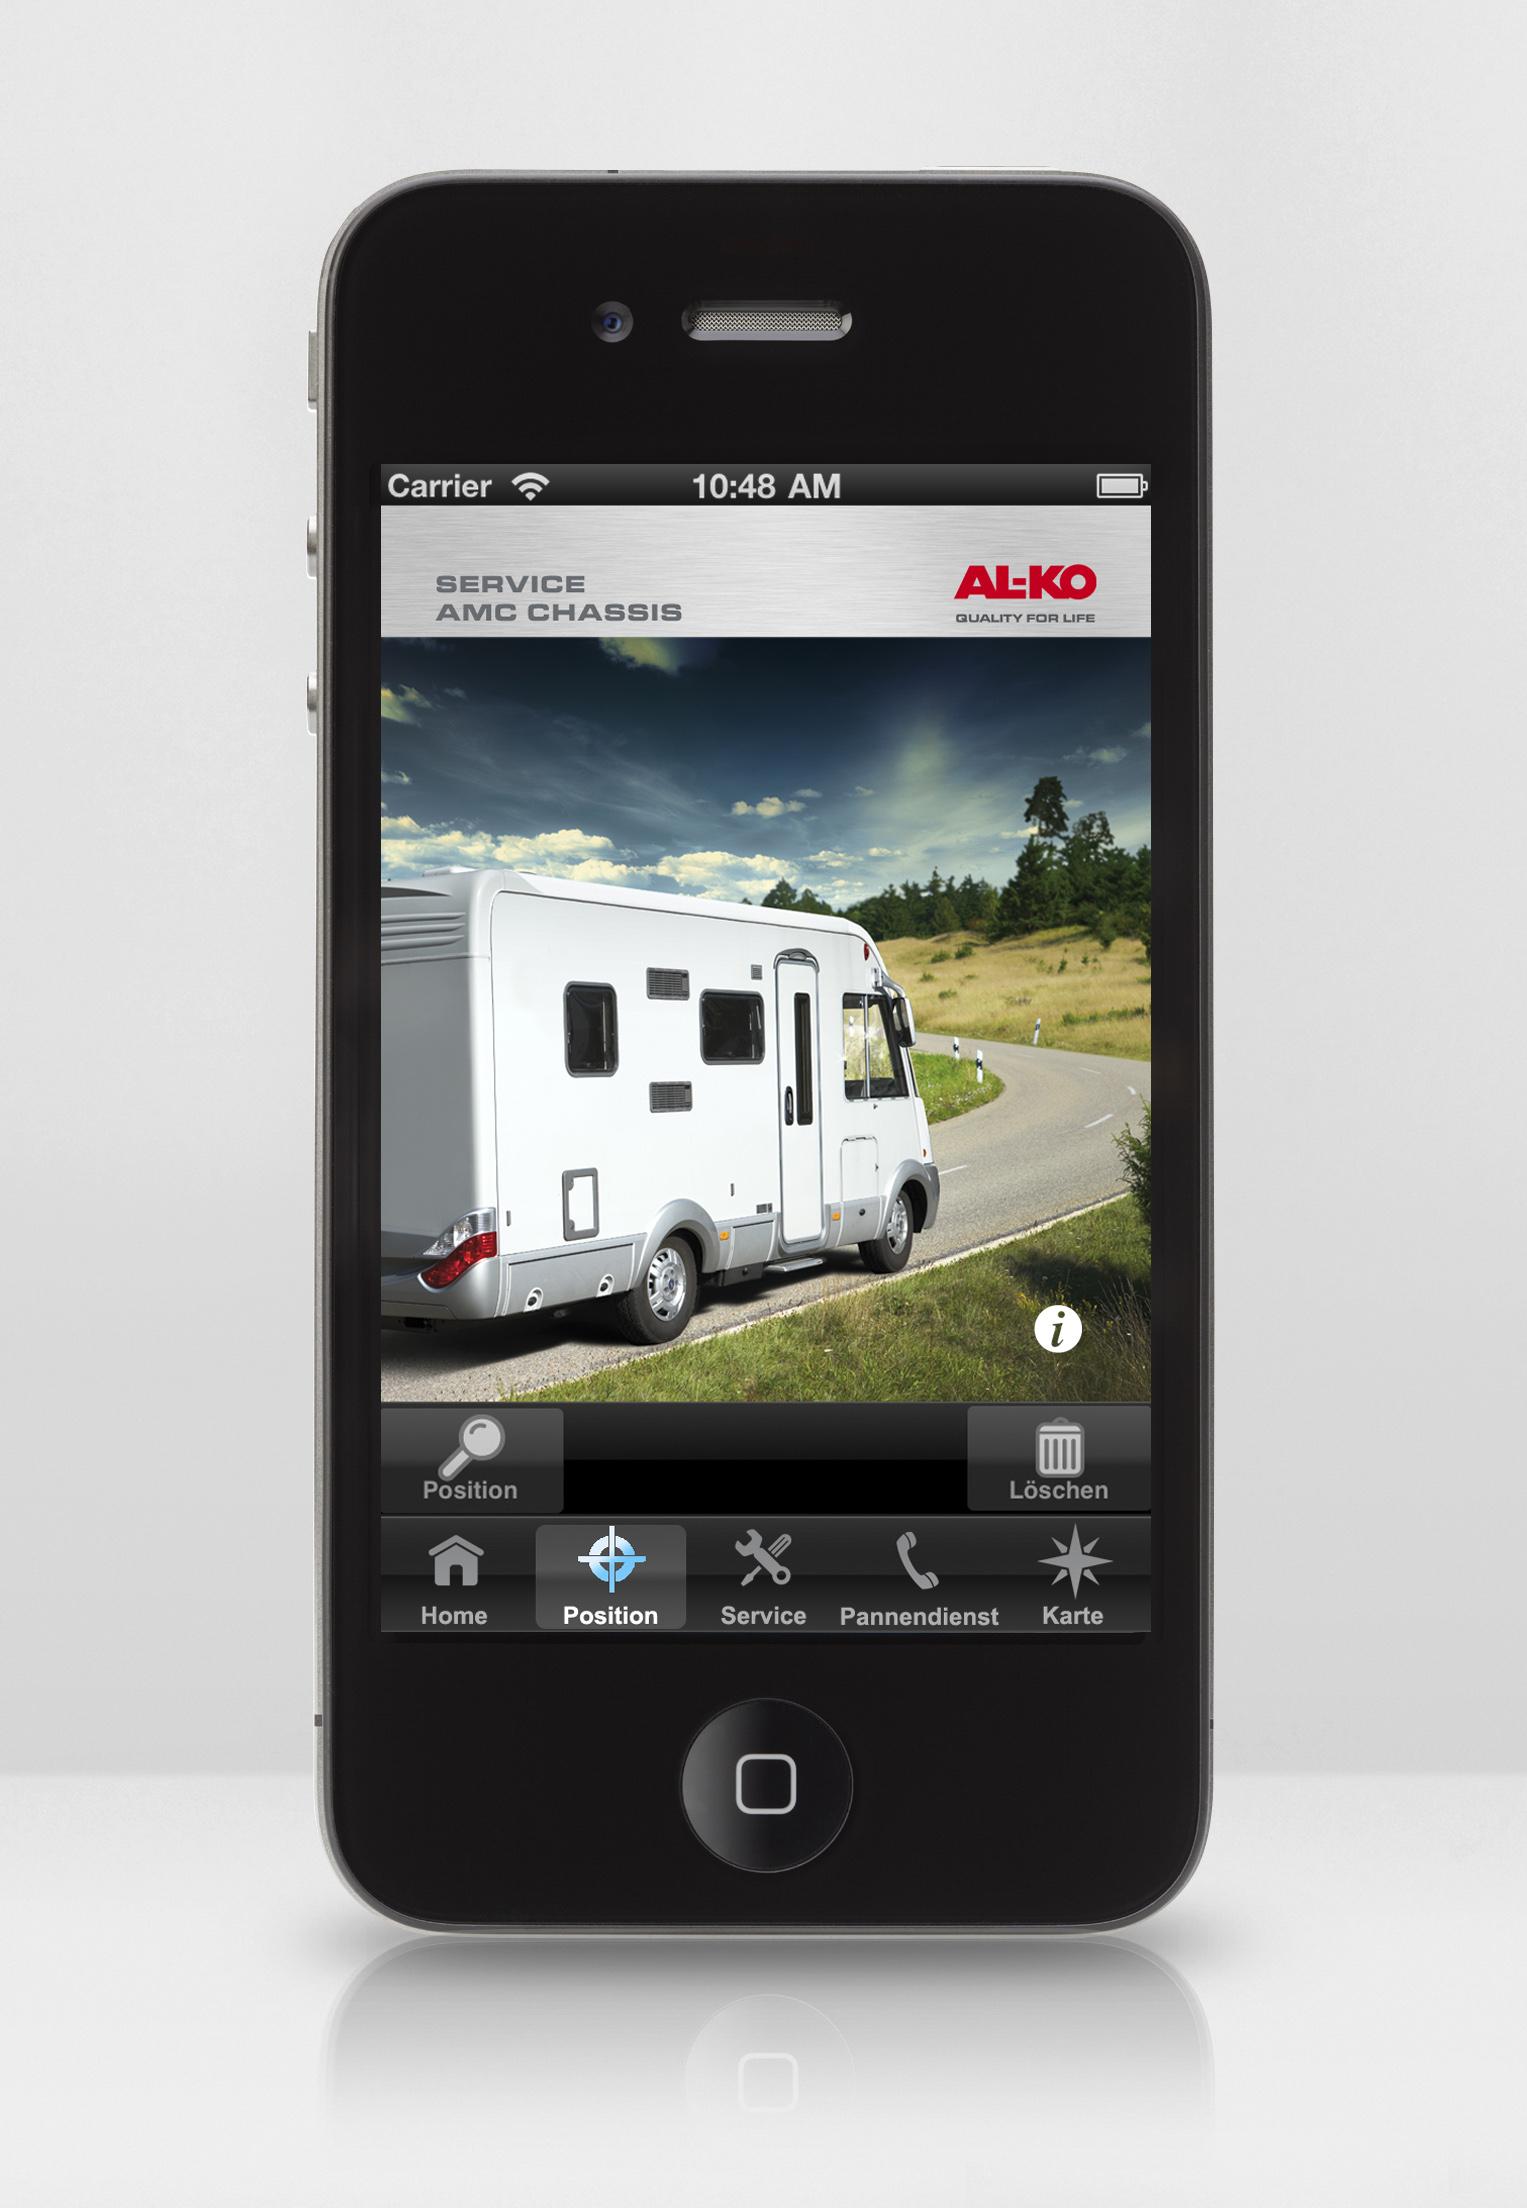 AL-KO_iPhone